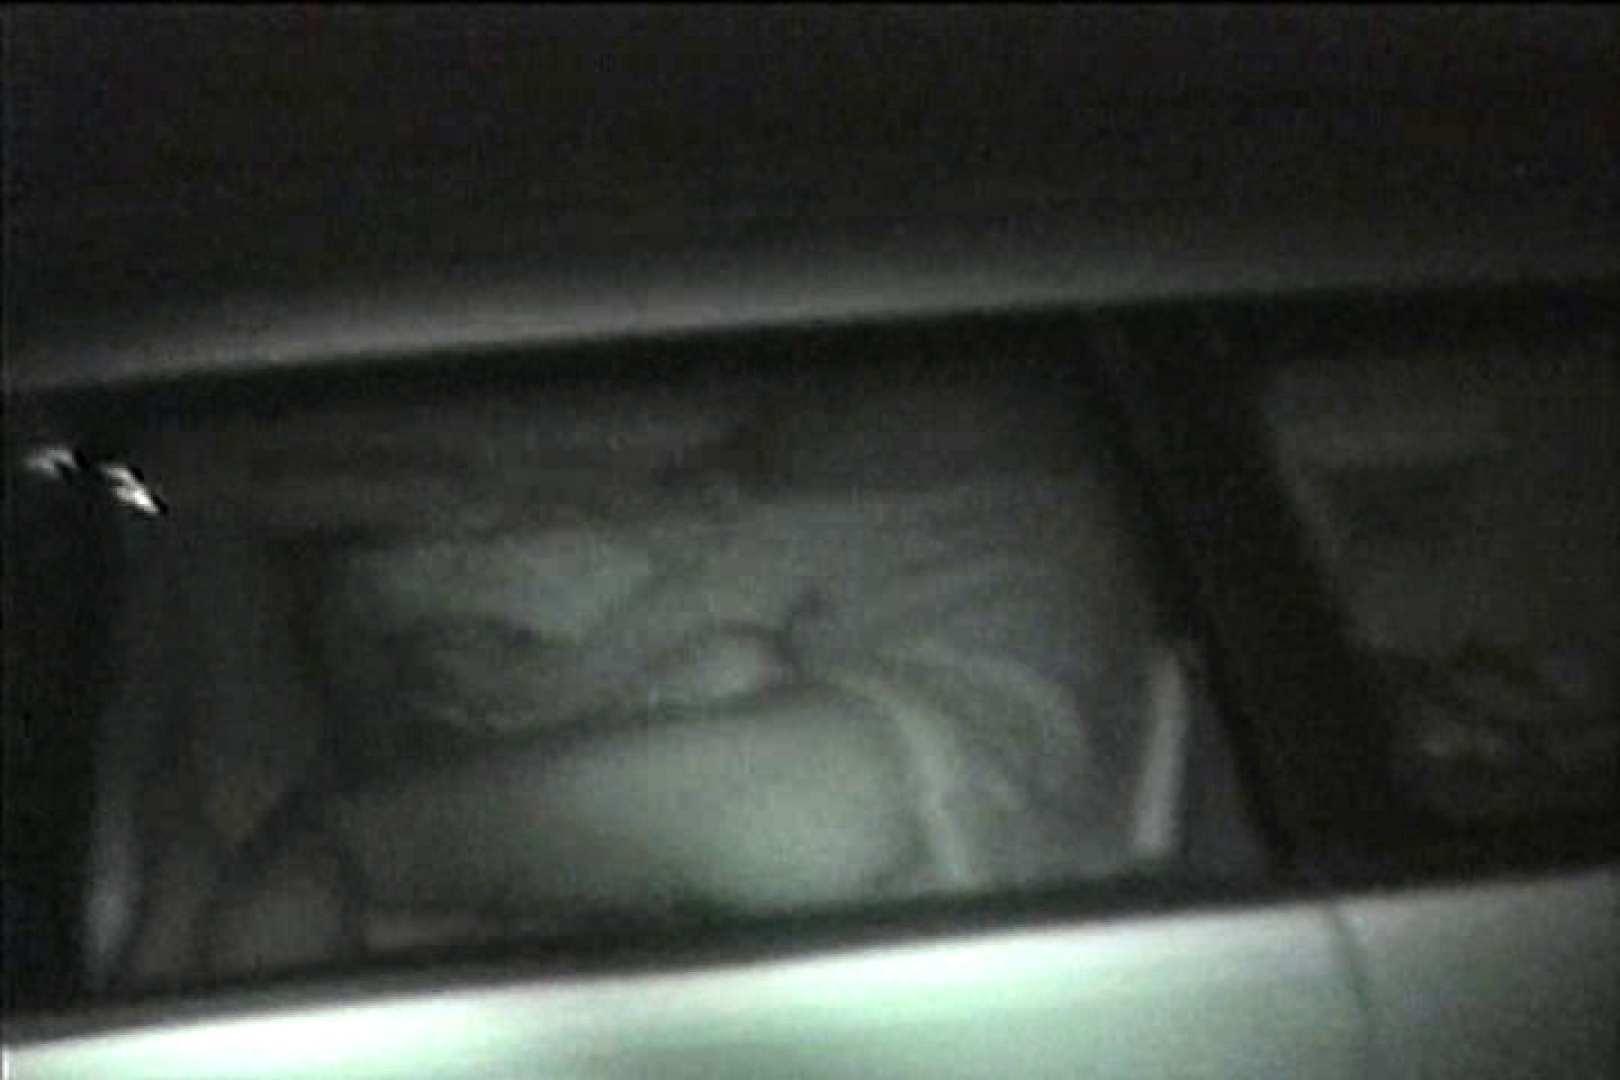 車の中はラブホテル 無修正版  Vol.7 車 SEX無修正画像 41pic 28